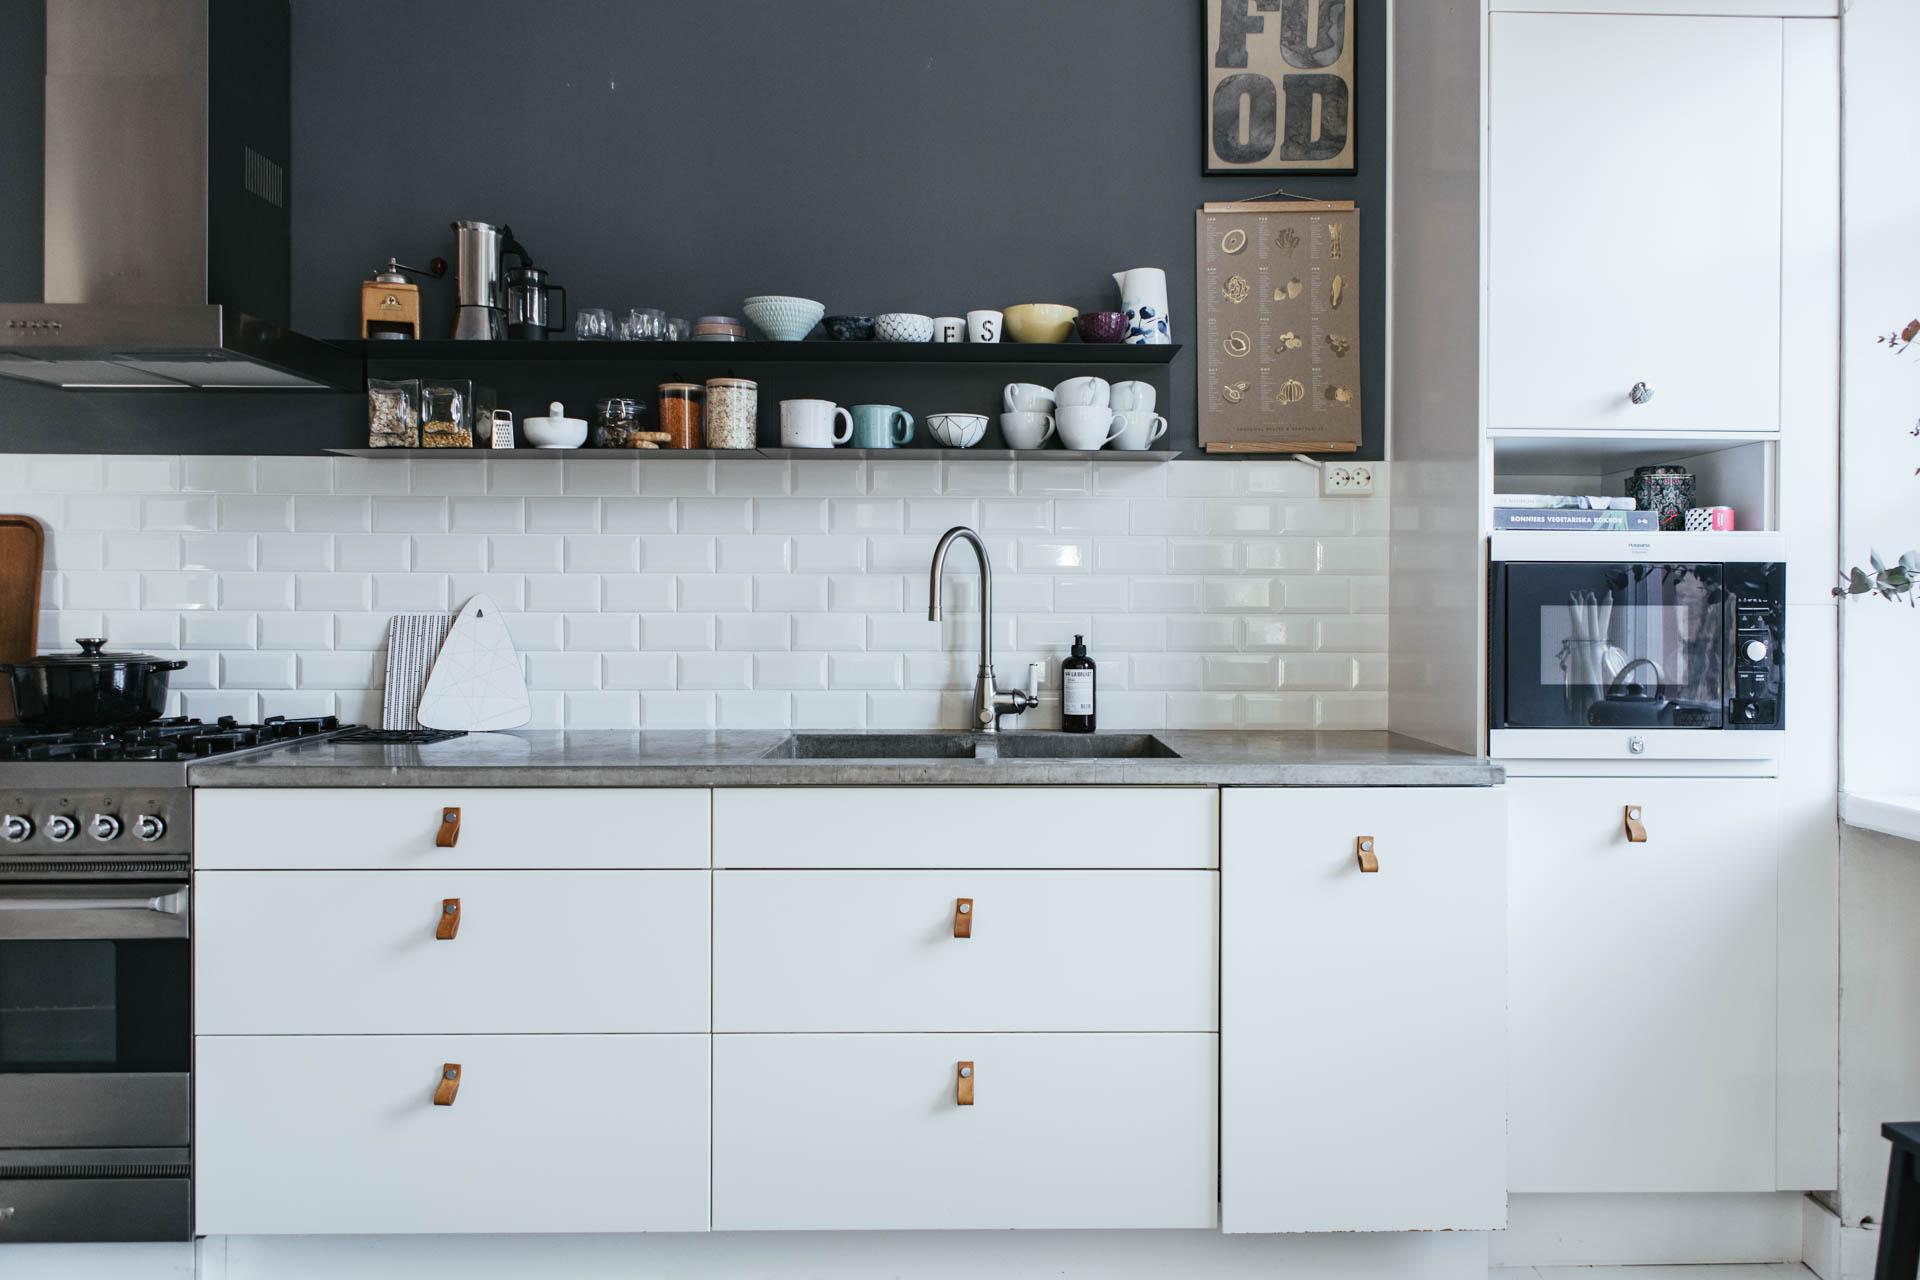 Azulejo biselado para una cocina n rdica interiores chic blog de decoraci n n rdica - Azulejos cocina ...